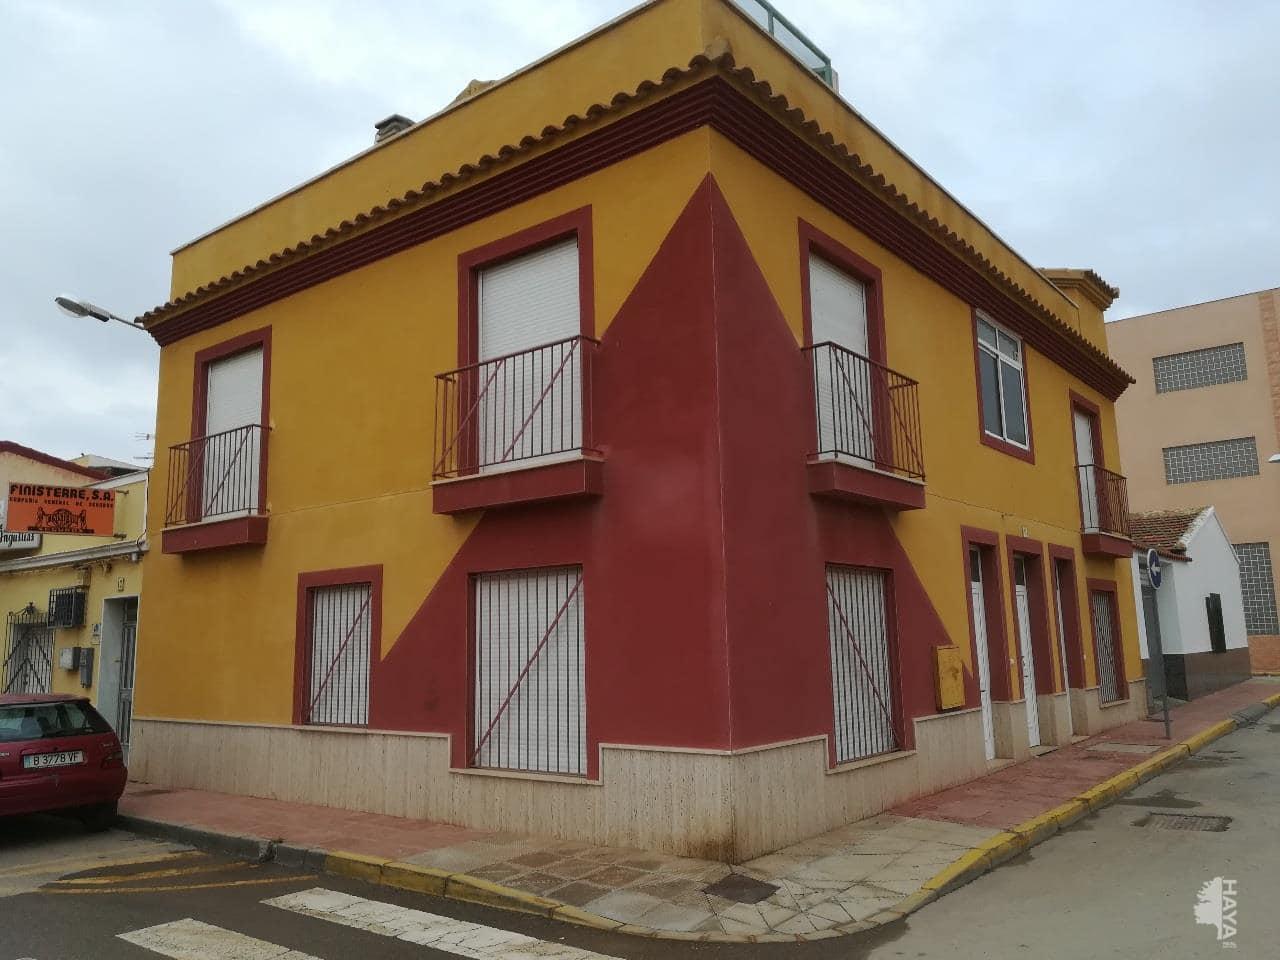 Piso en venta en Pulpí, Almería, Calle la Hoya, 44.384 €, 2 habitaciones, 1 baño, 57 m2